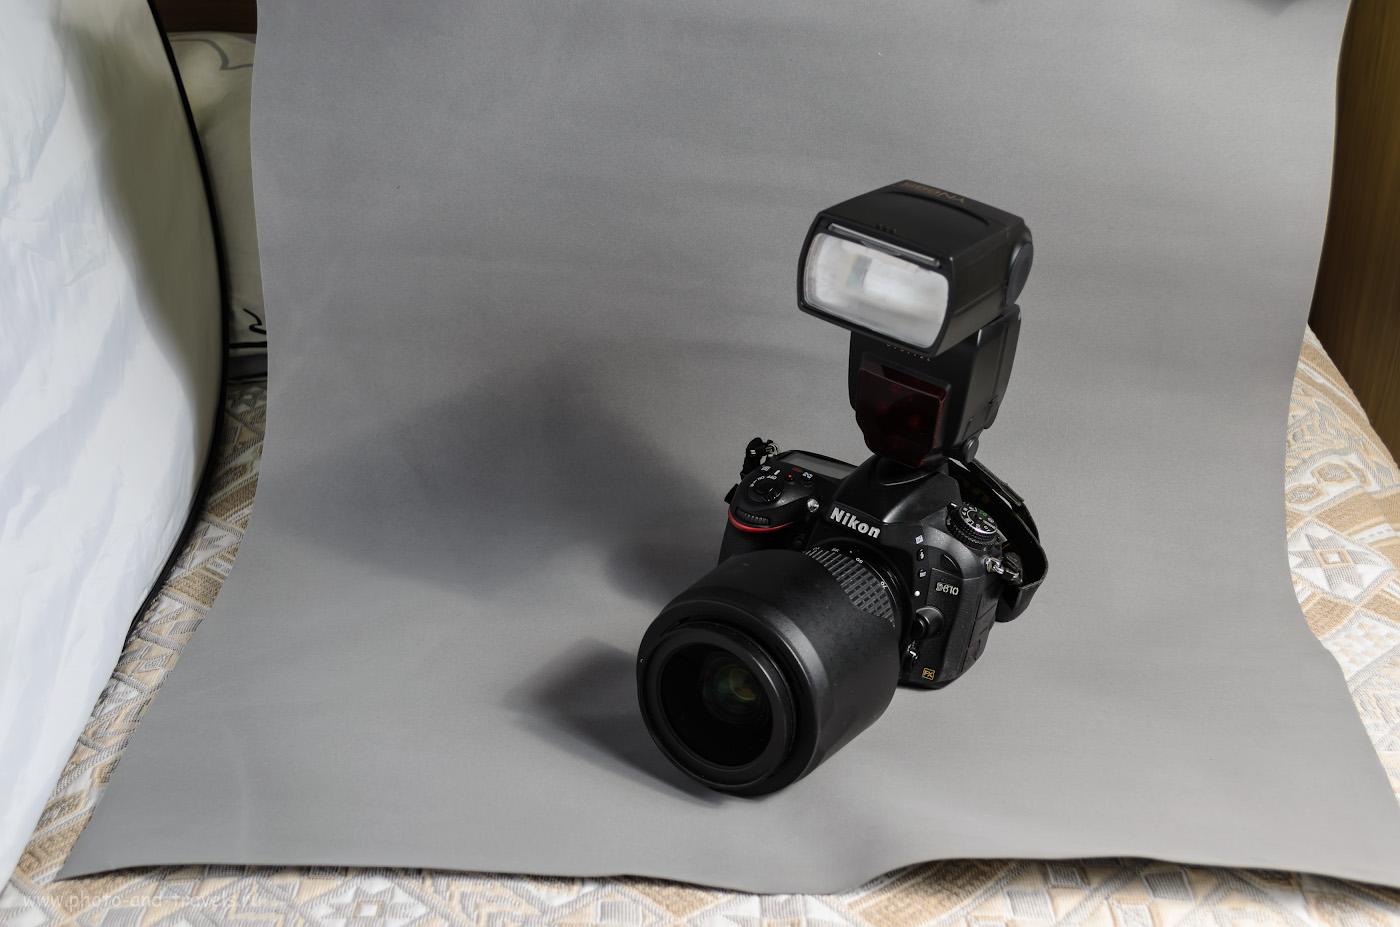 Фотография 8. Как я фотографировал предметку для этого обзора. Снято на любительскую зеркалку Nikon D5100 KIT 18-55 VR со следующими настройками: 1/100, 5.6, 100, 32. Справа – вспышка YongnuoYN685N на стойке с зонтом на просвет, слева – белый рефлектор. На камере – контроллер Yongnuo YN-622N-TX.